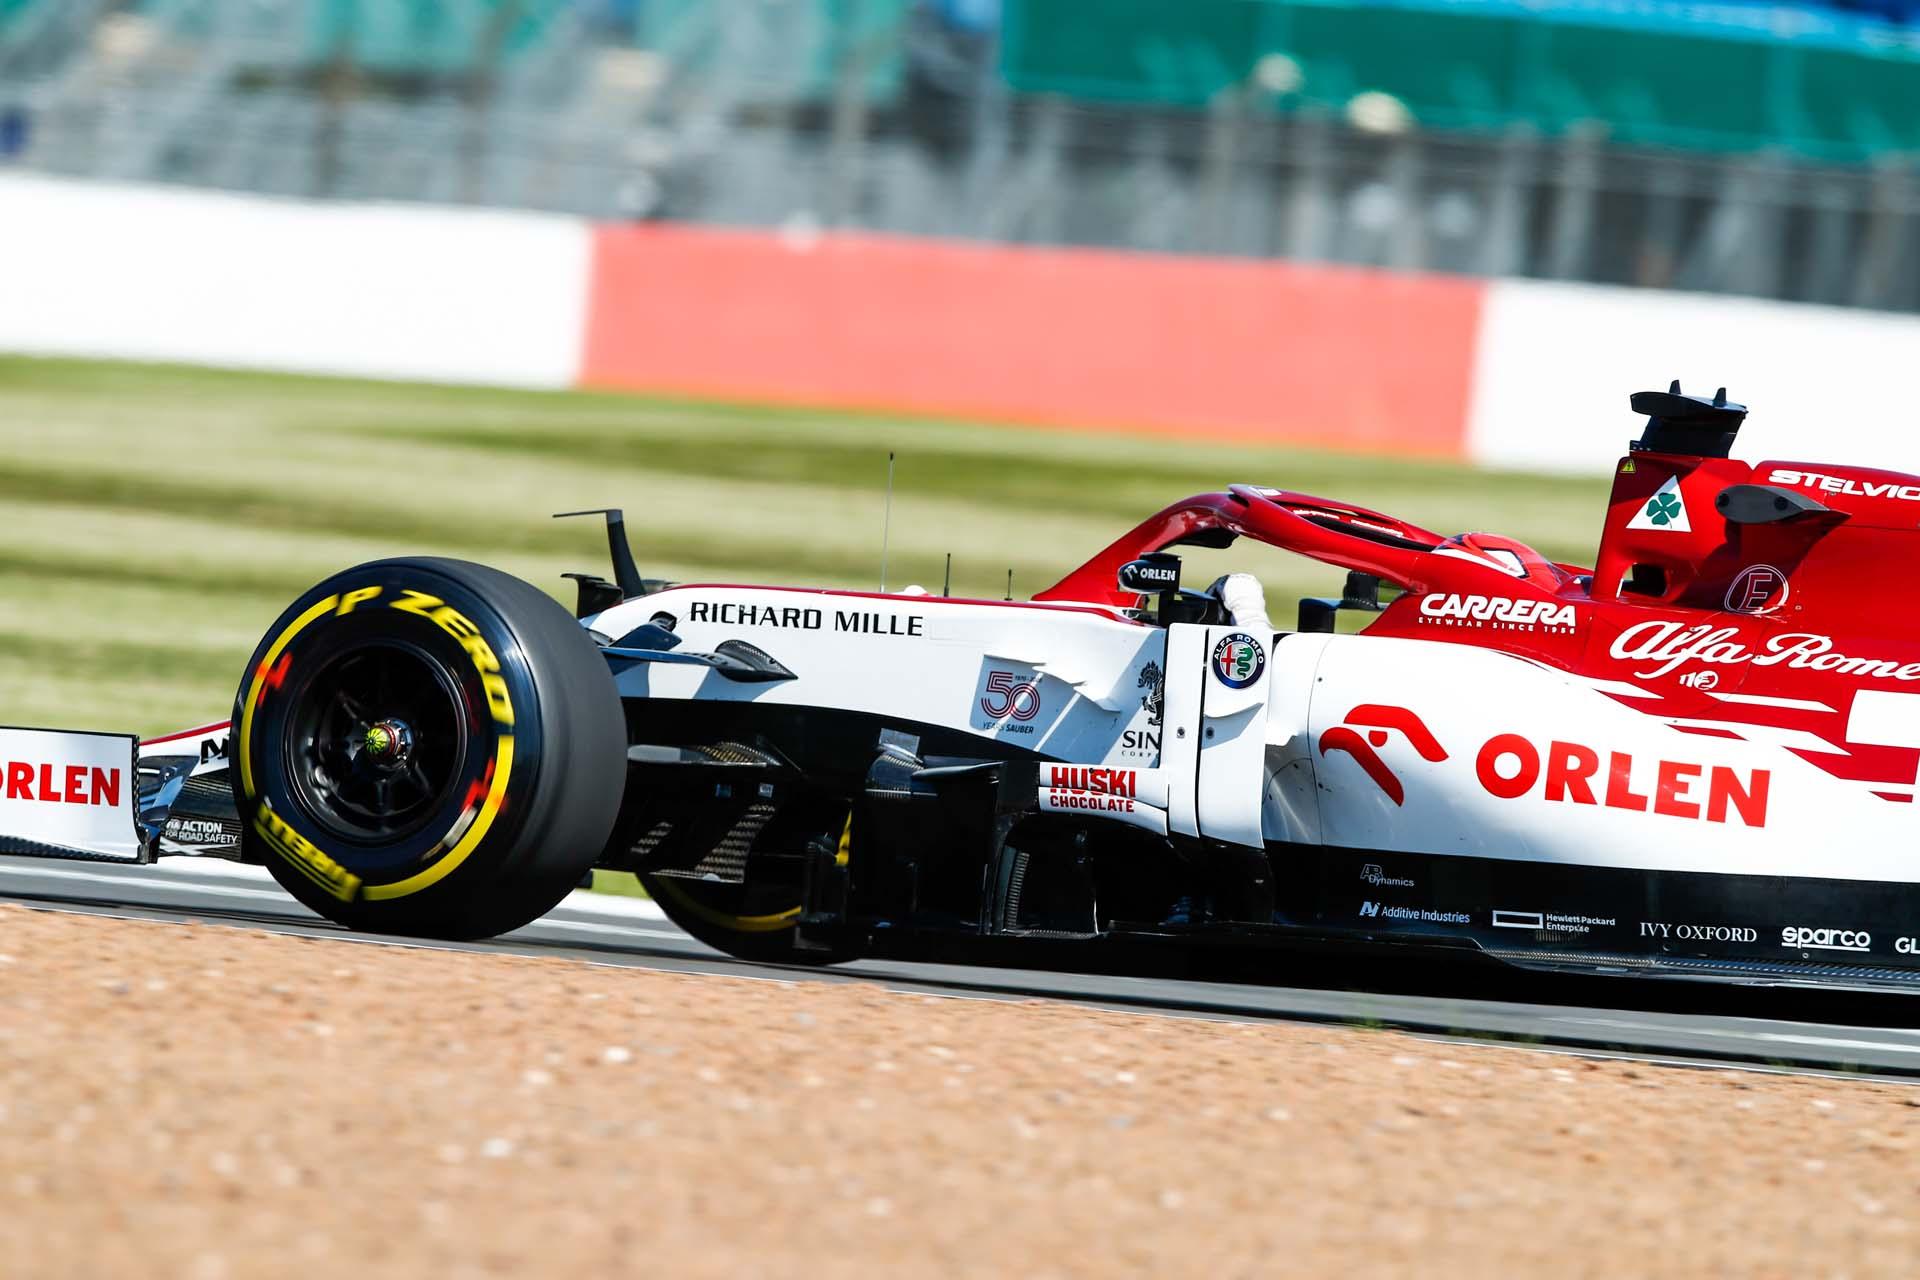 F1 - BRITISH GRAND PRIX 2020